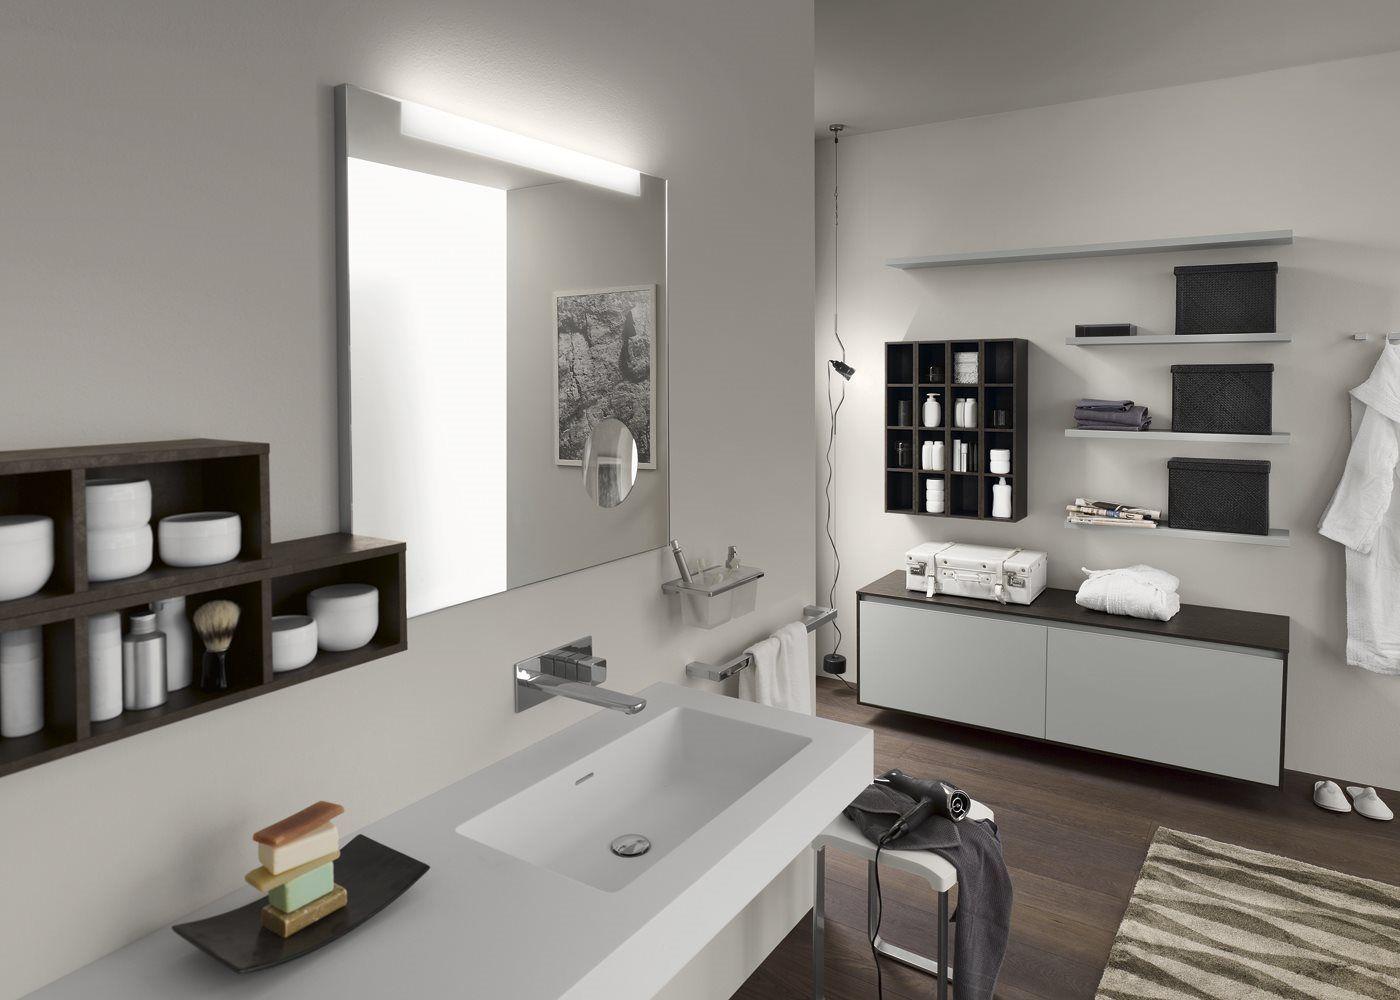 Salle de bain tablette pour vasque for Tablette pour salle de bain